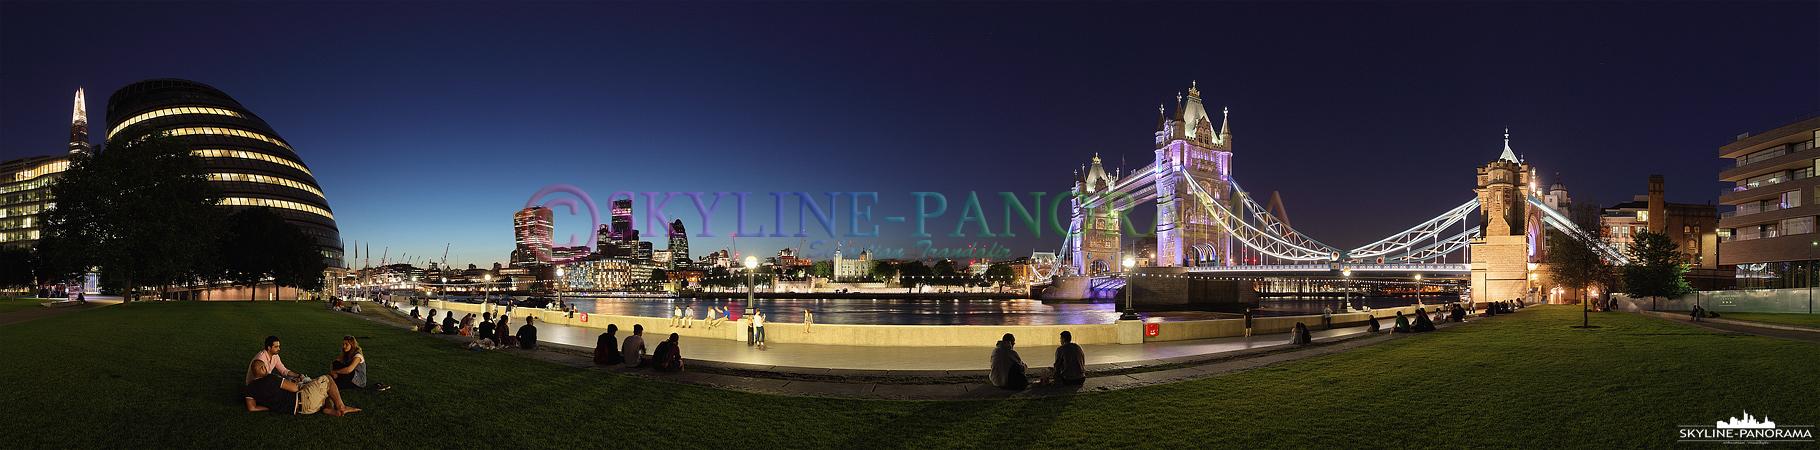 Sehenswürdigkeiten von London - Das Themse Ufer zählt zu den beliebtesten Flaniermeilen Londons. Diese Aufnahme entstand auf Höhe der City Hall und zeigt den Blick auf den Tower of London und die abendlich beleuchtete Tower Bridge.